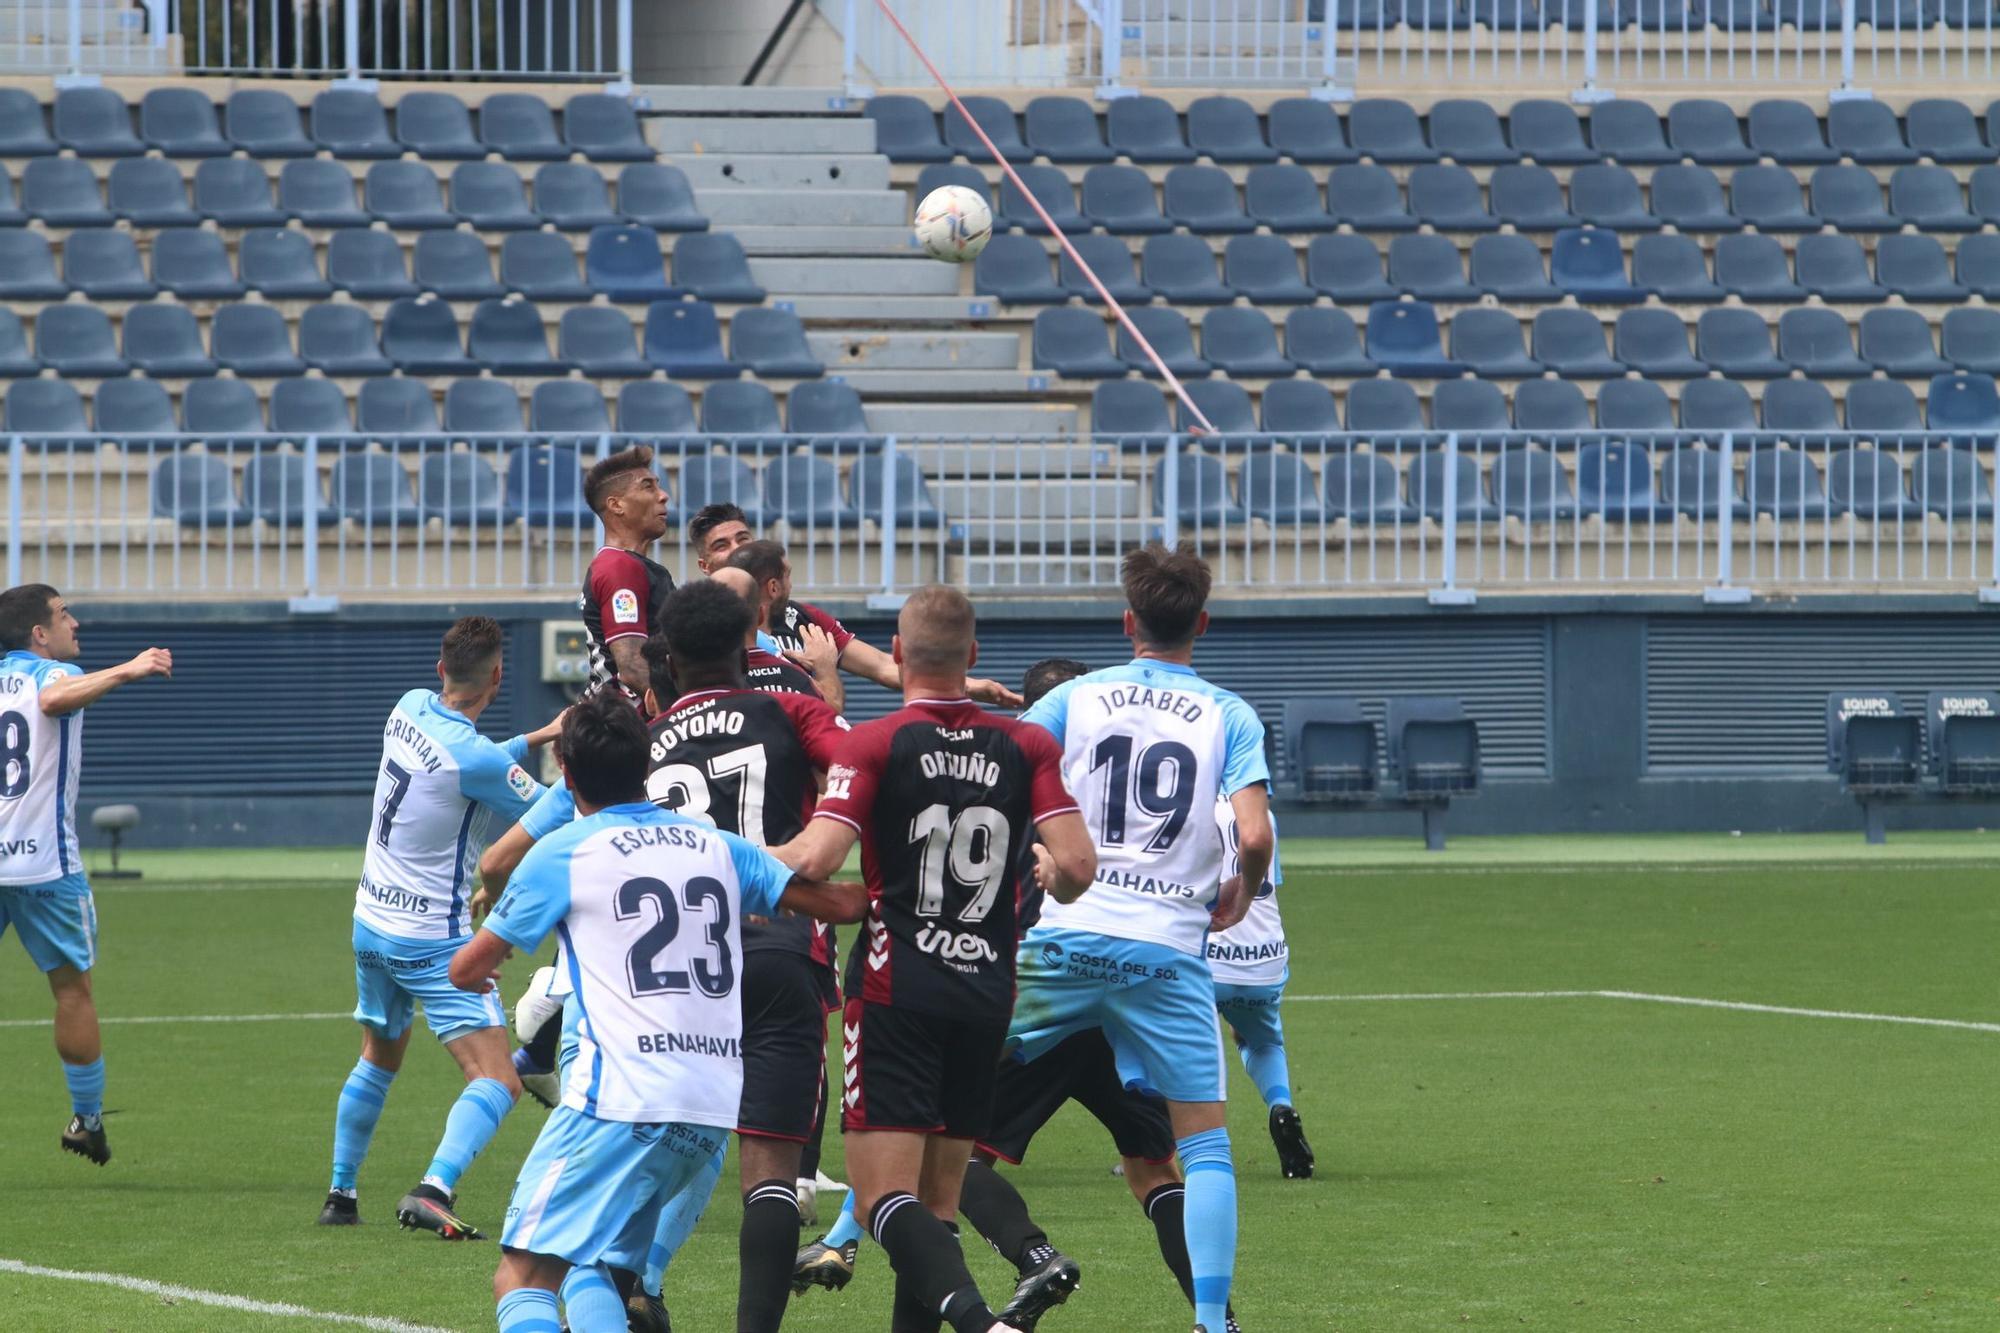 Las imágenes del Málaga CF - Albacete Balompié de LaLiga SmartBank